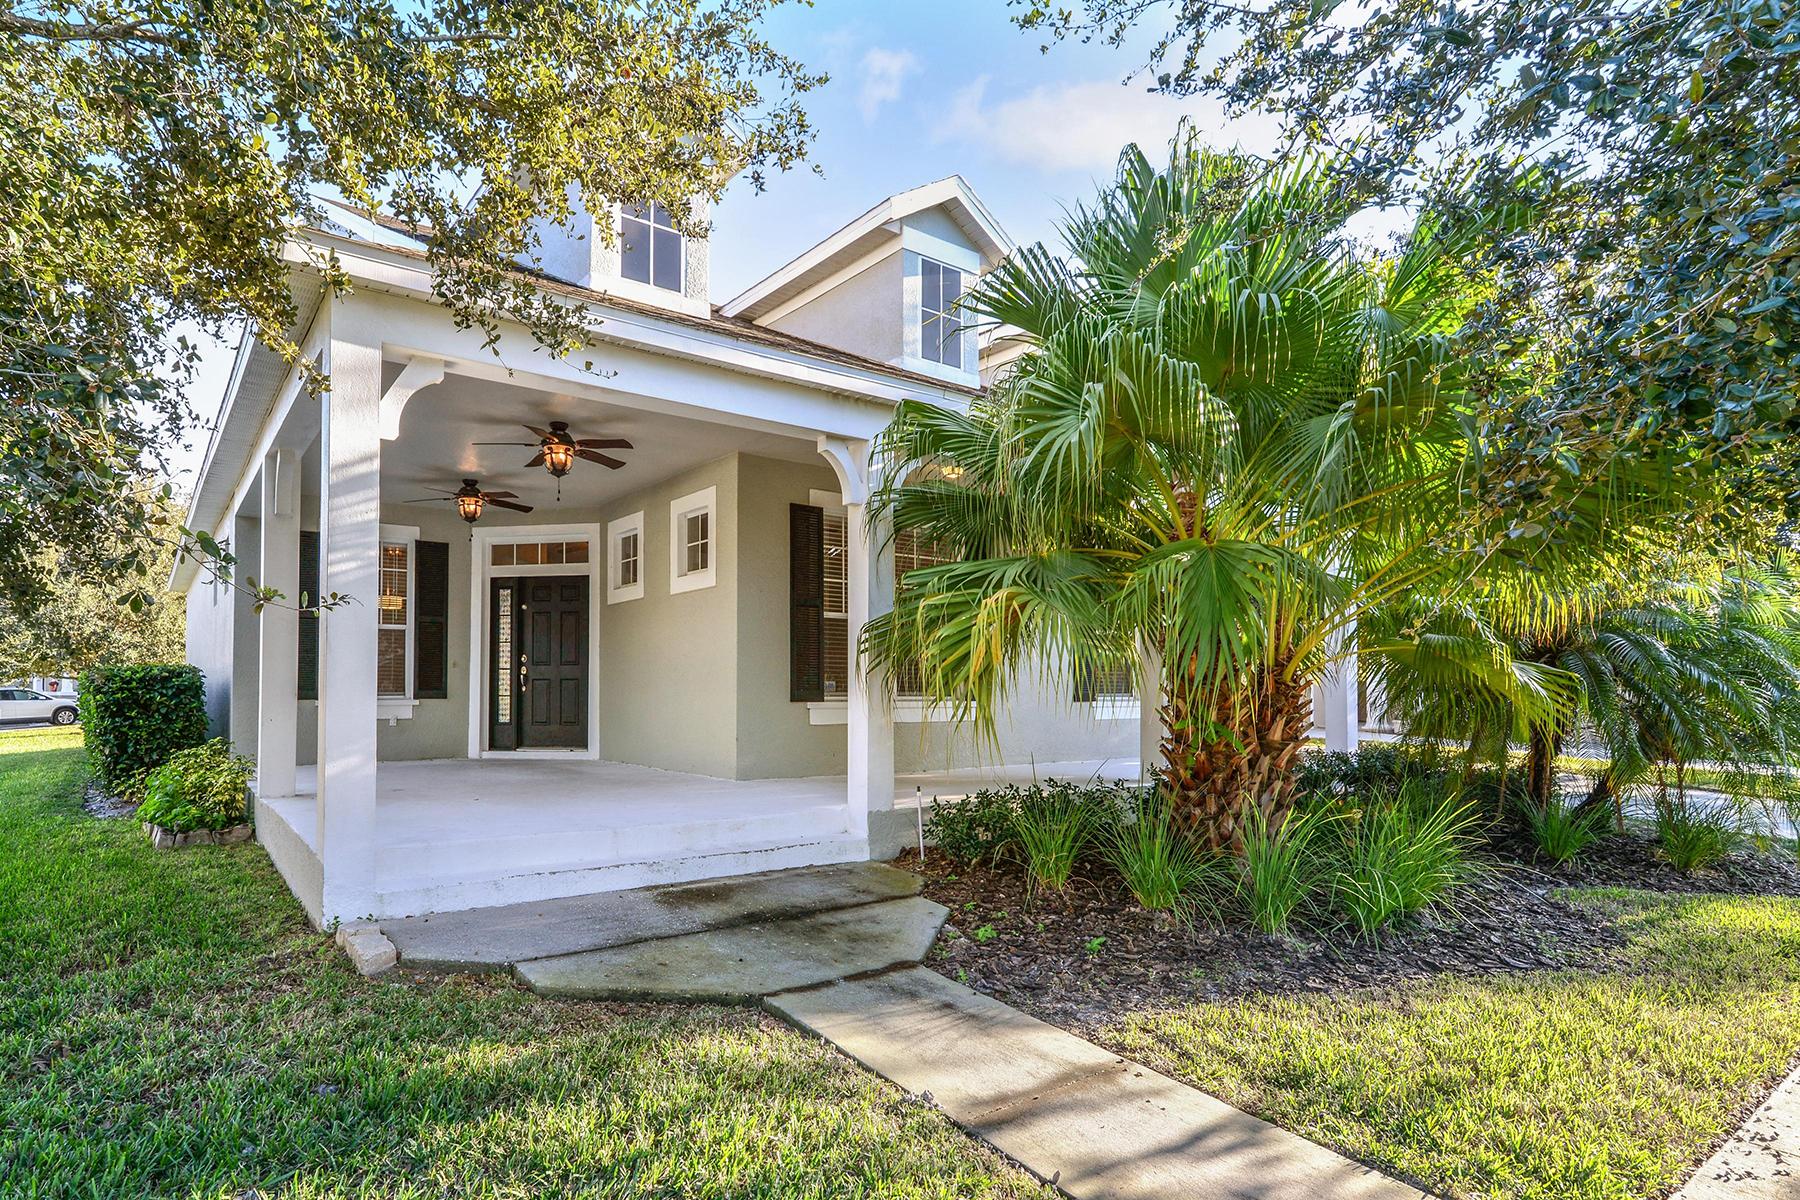 一戸建て のために 売買 アット Windermere, Florida 14032 Eden Isle Blvd Windermere, フロリダ, 34786 アメリカ合衆国